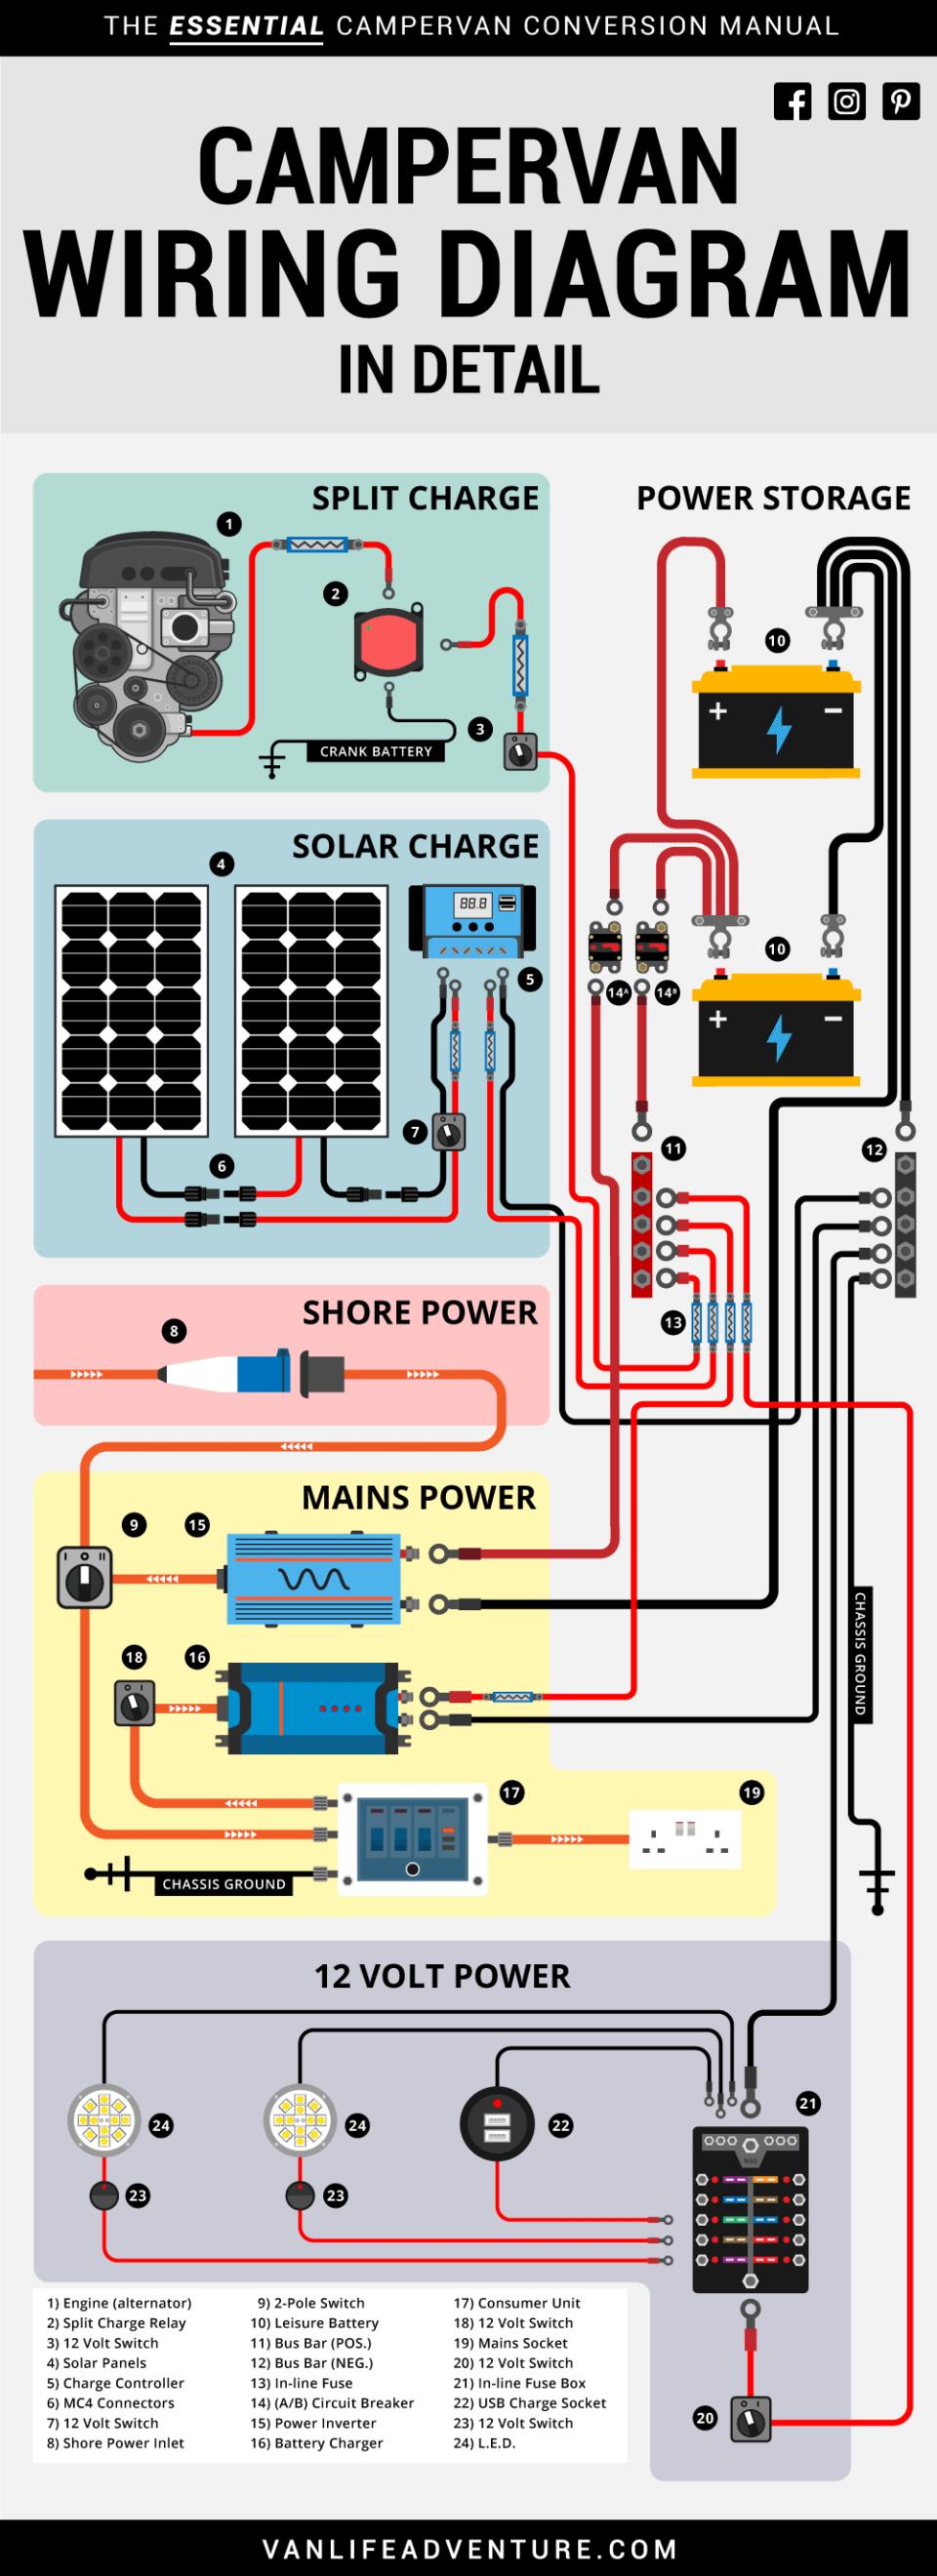 Campervan RV Wiring Diagram